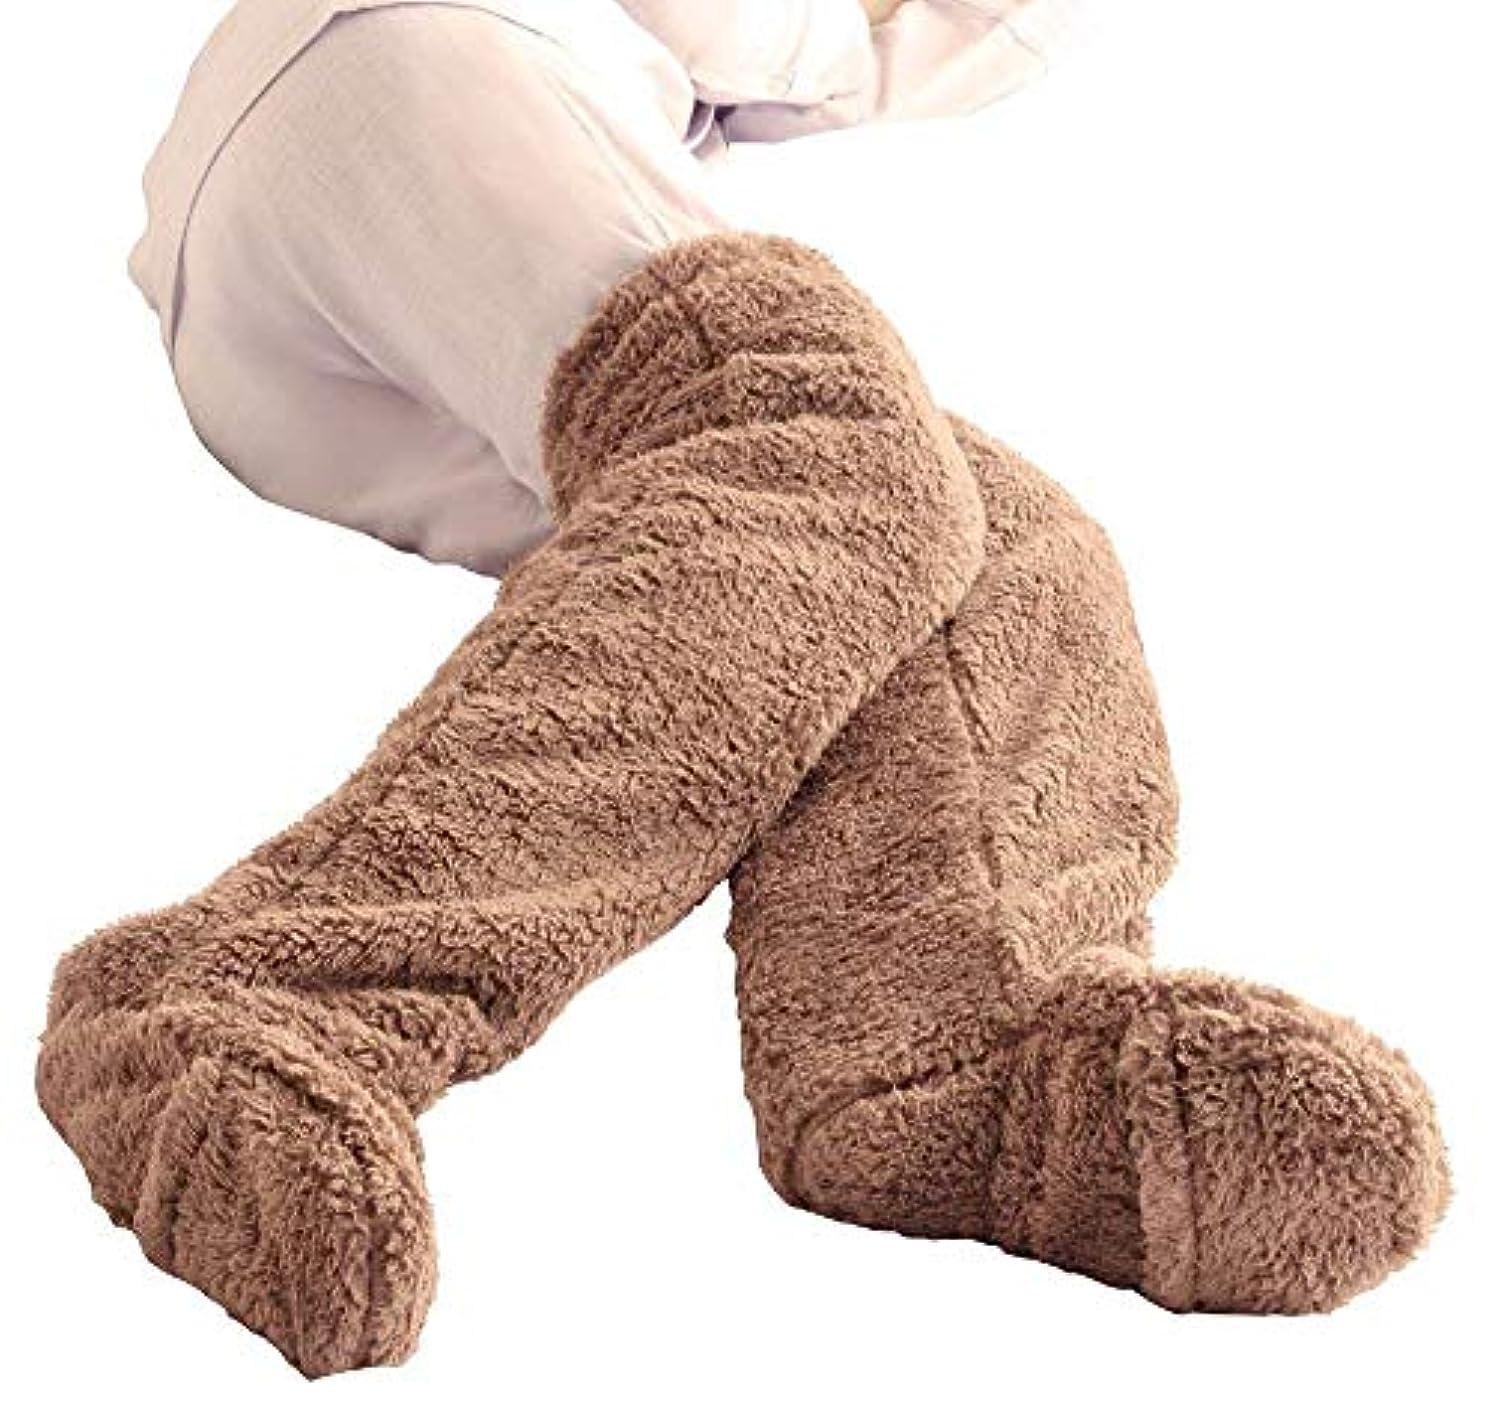 ガチョウフォーク混乱したXMONY 改良 極暖 足が出せるロングカバー 防寒 冷え性 グッズ ソックス 足元 ルームブーツ ロング 防寒ルームブーツ もこもこ 冬 室内 ブーツ シューズカバー 2重フリース生地 室内履き 軽量 洗える 22~24.5cmまで (改良新品)